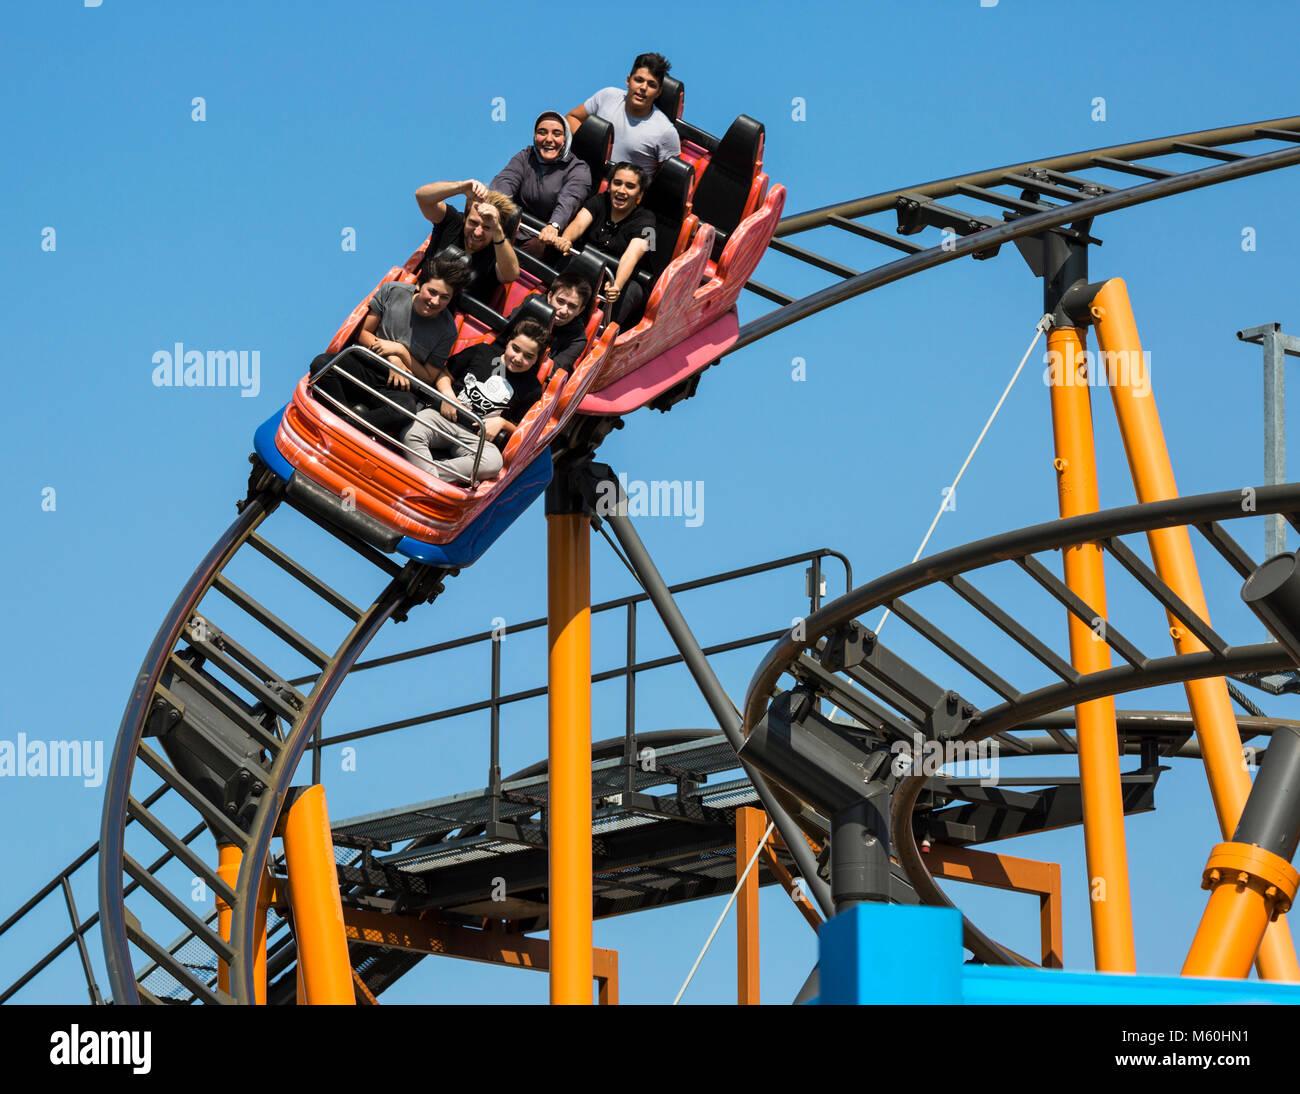 Park Vienna Va: Amusement Park Vienna Prater Stock Photos & Amusement Park